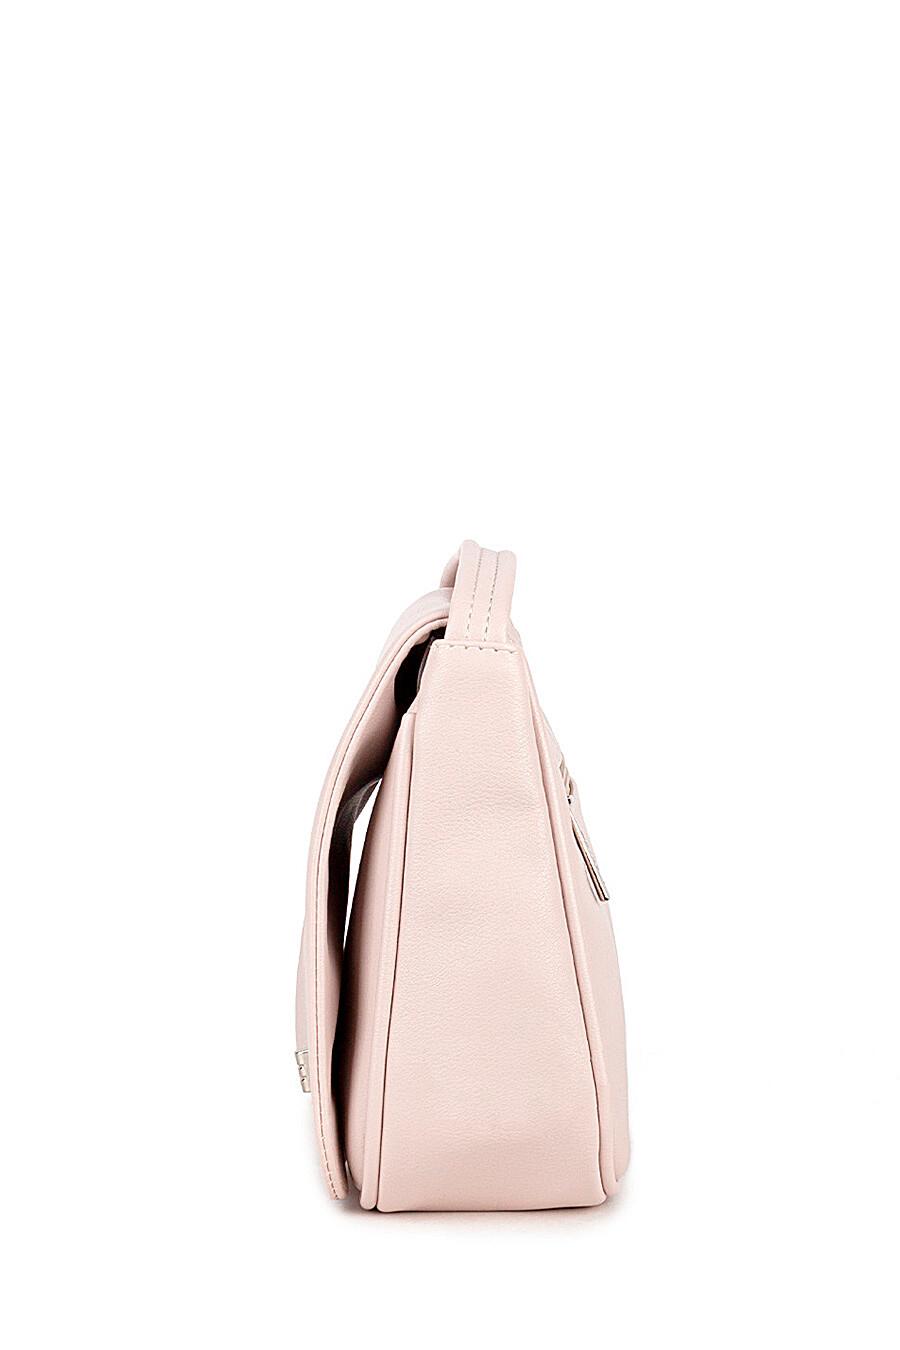 Сумка для женщин L-CRAFT 668286 купить оптом от производителя. Совместная покупка женской одежды в OptMoyo